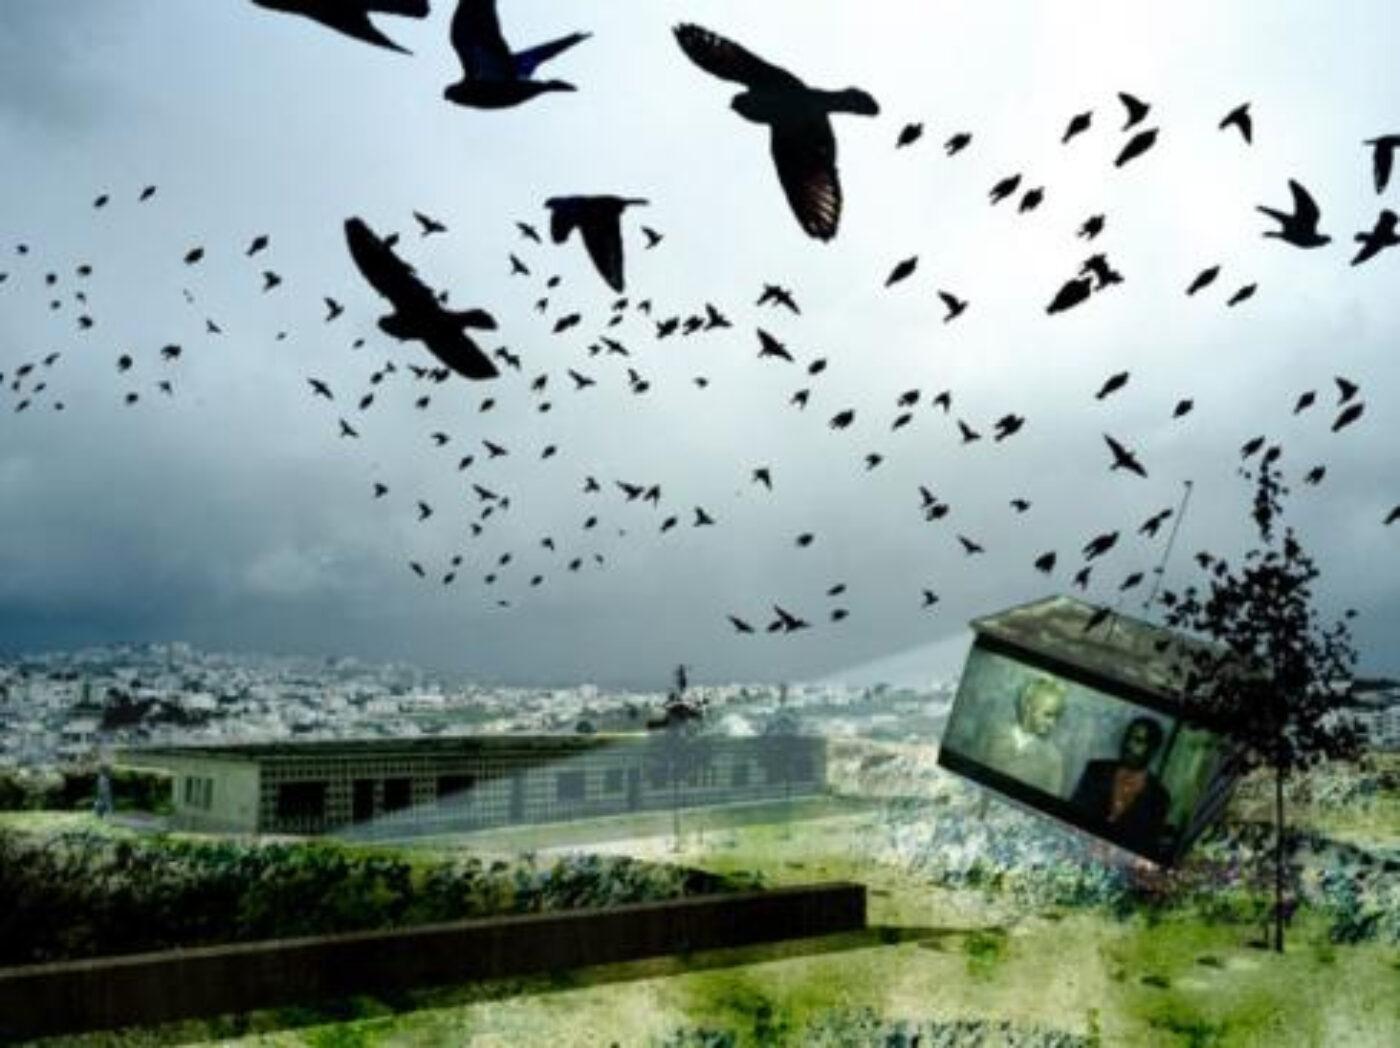 Palestine: Return to Nature